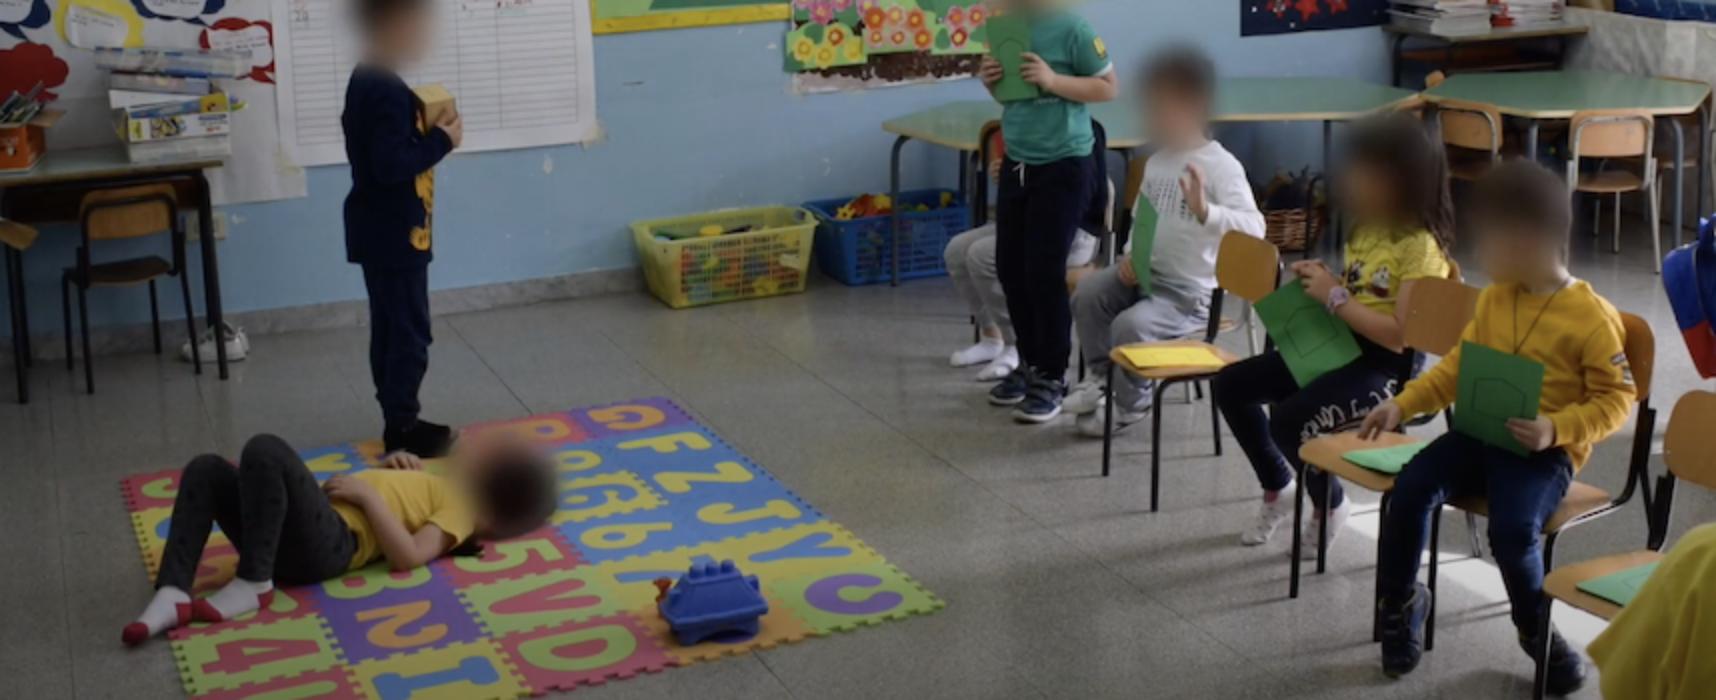 Pensiero computazionale per bambini, il progetto di Davide Rana a Didamatica 2020